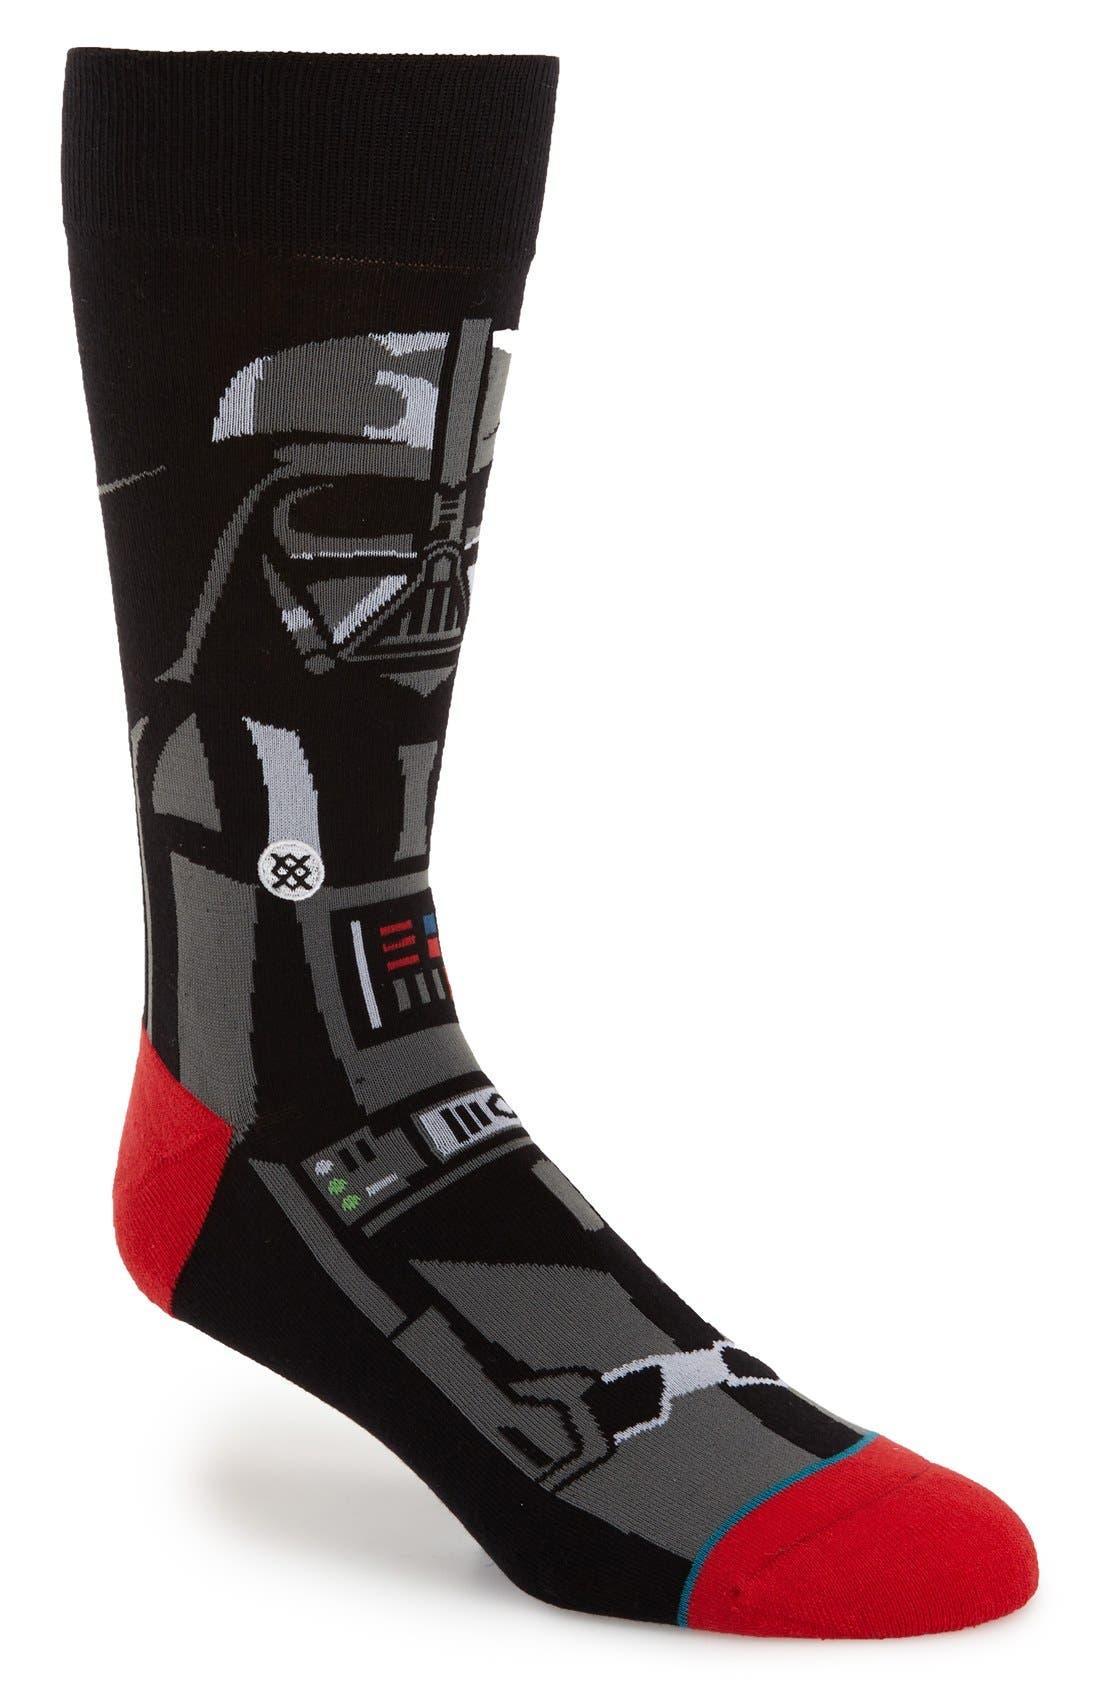 'Star Wars<sup>™</sup> - Darth Vader' Socks,                             Main thumbnail 1, color,                             001